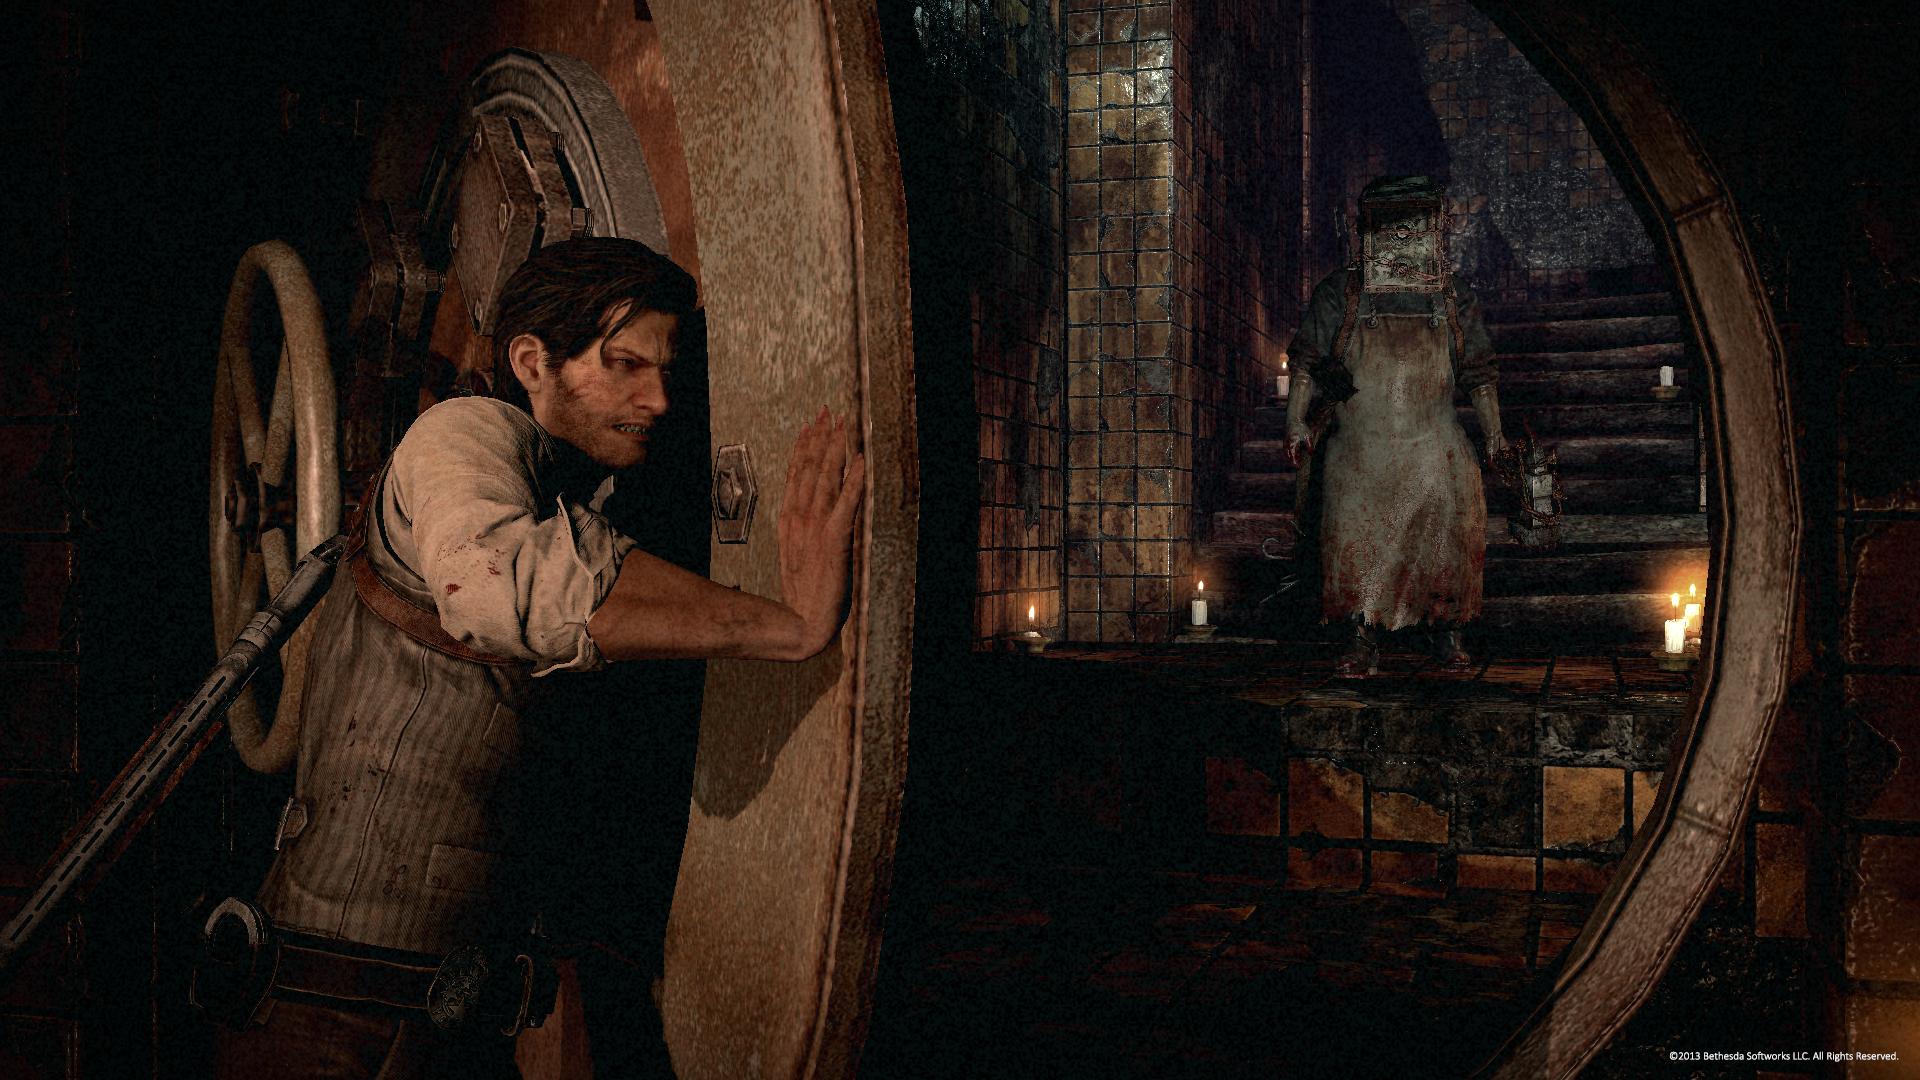 Juegos para Xbox One y Xbox 360 en oferta esta semana 31